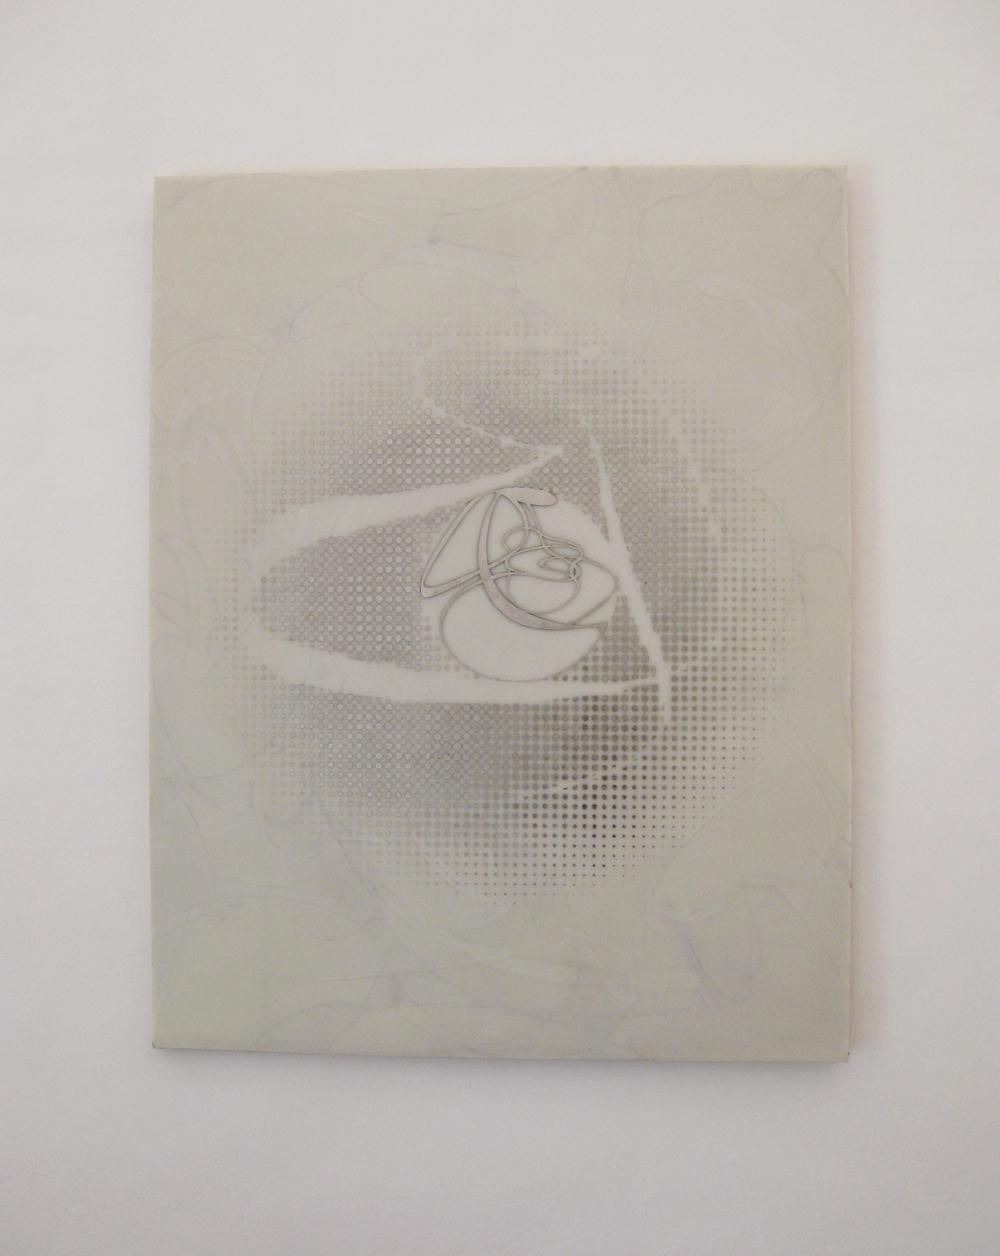 Domenico Bianchi, Senza titolo, 2015, cera e palladio su fibra di vetro, cm 140x110